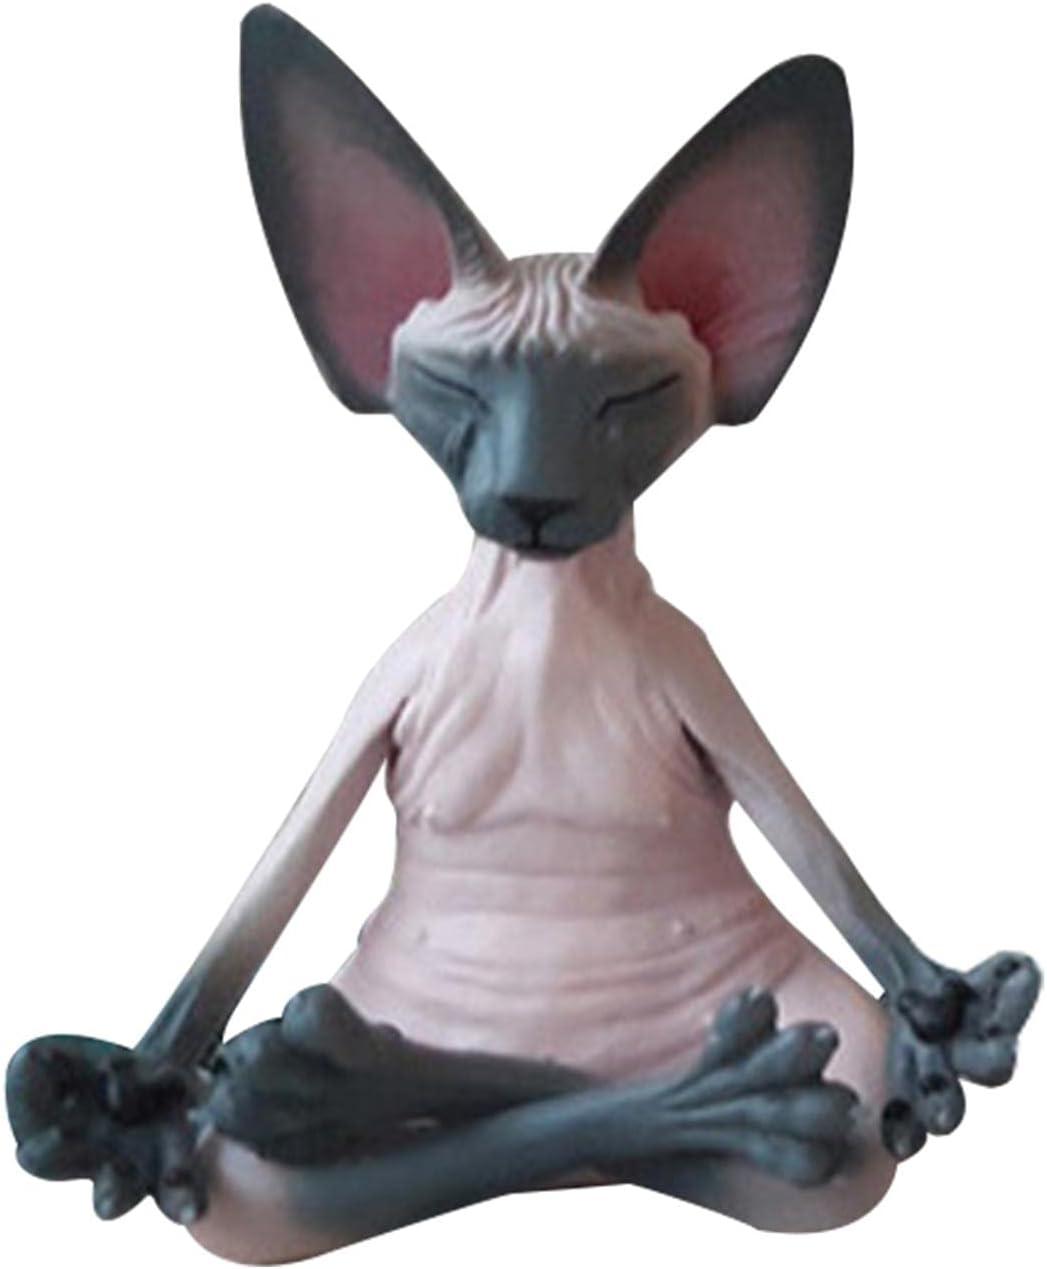 Sphynx Cat Meditate Statue Branded goods Meditat Handmade New item Meditation Decor